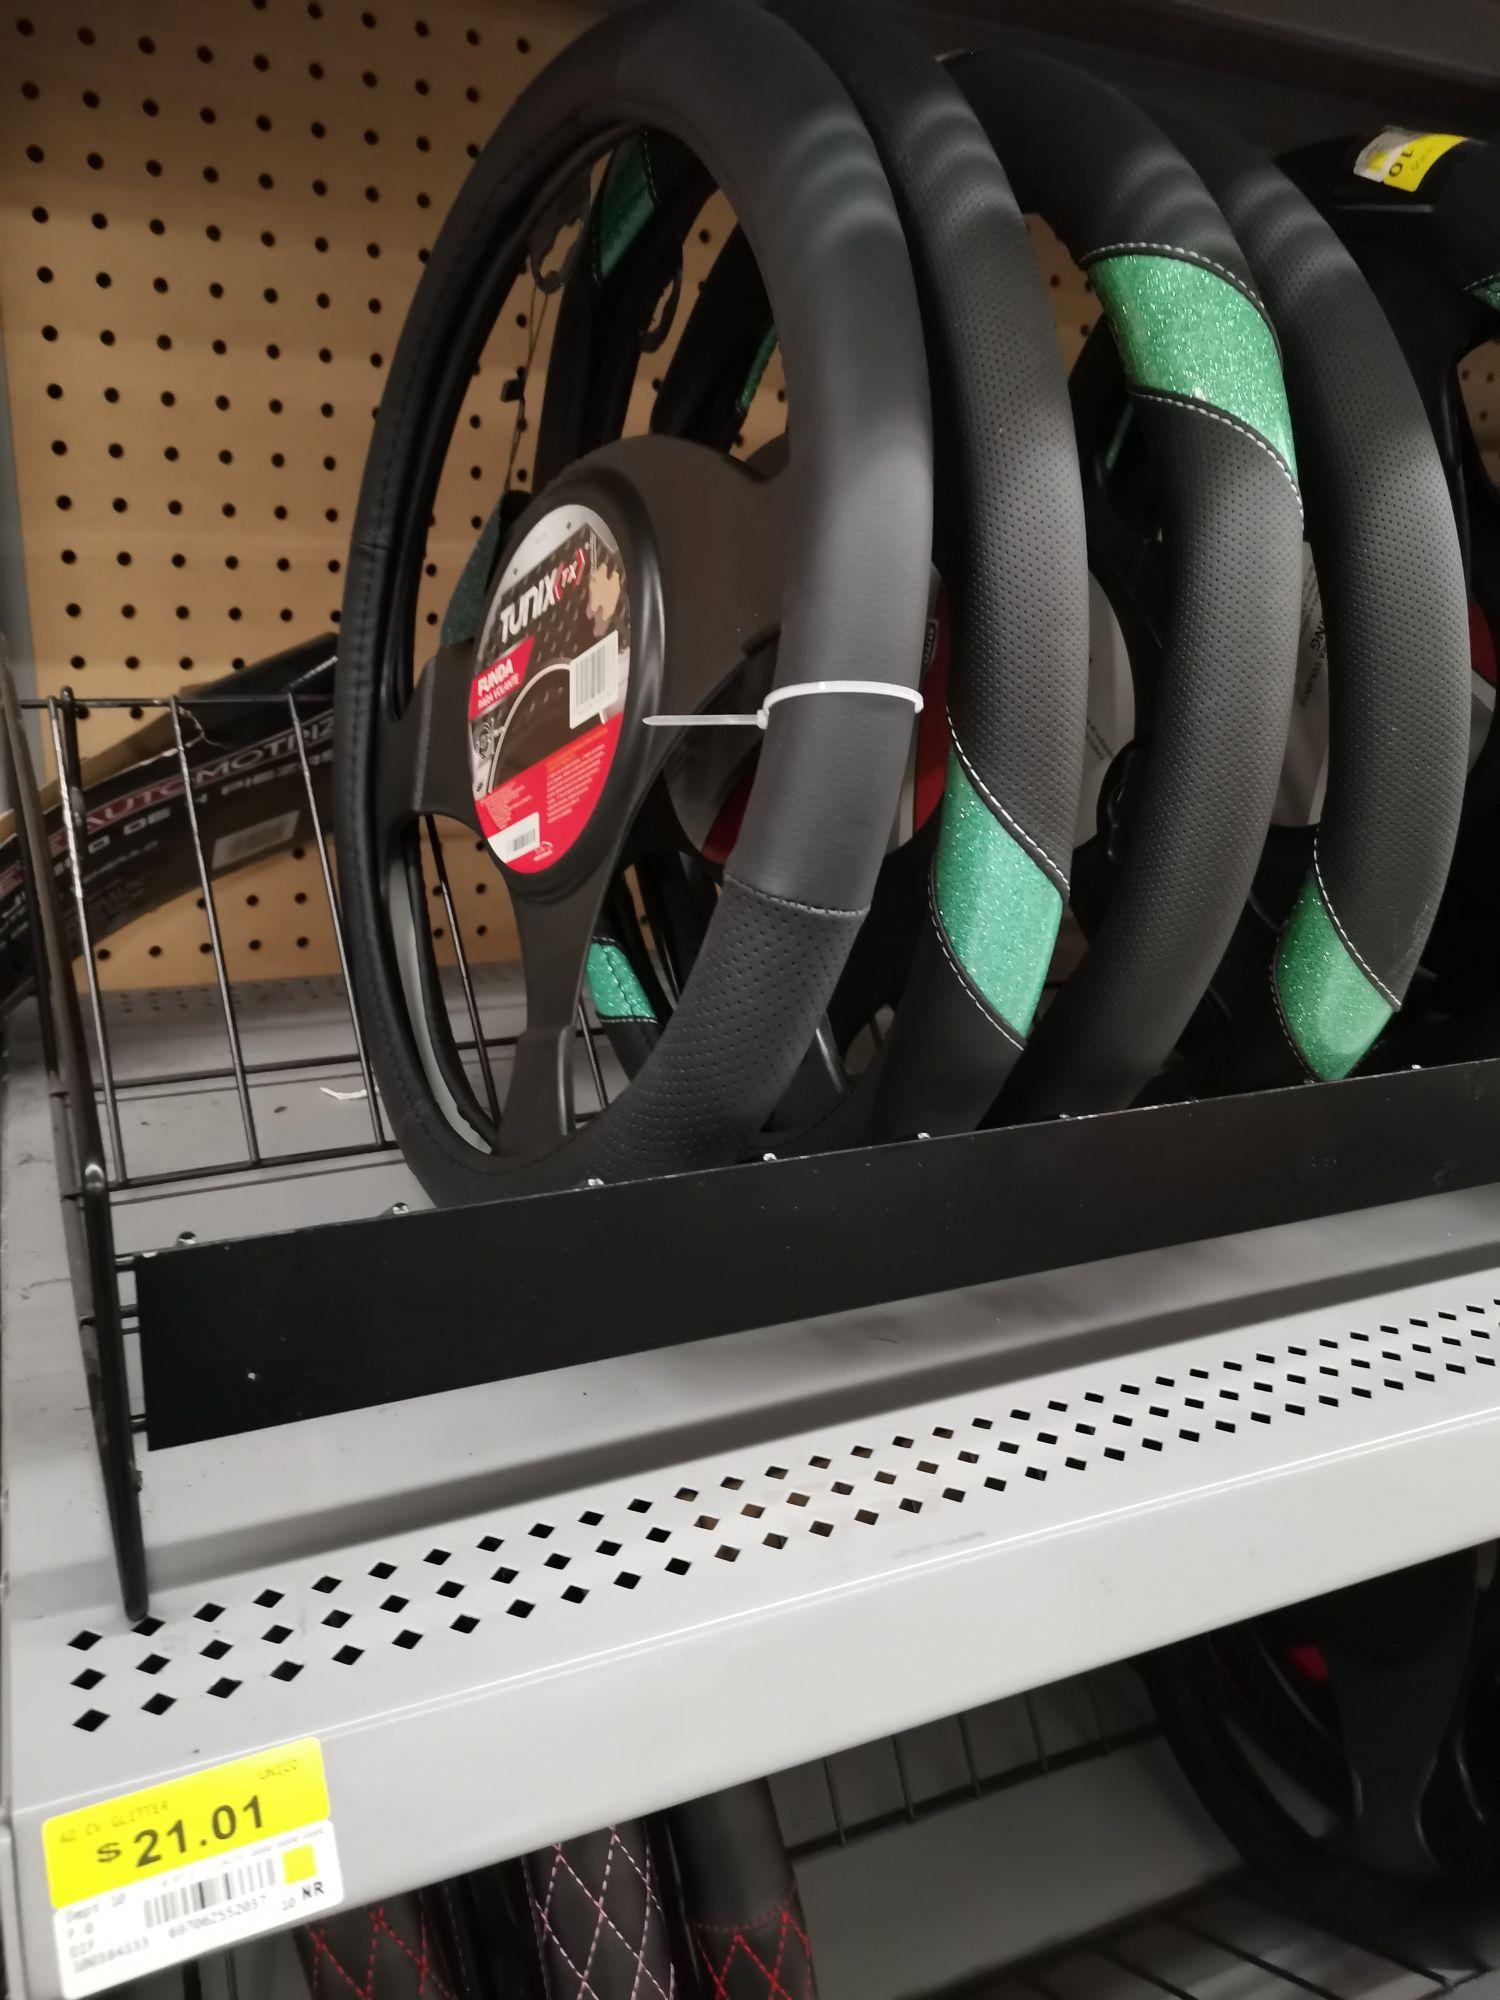 Walmart Portal Centro CDMX: Cubre volante en última liquidación $21 y Tapete para baño, primera rebaja, muy suave $139